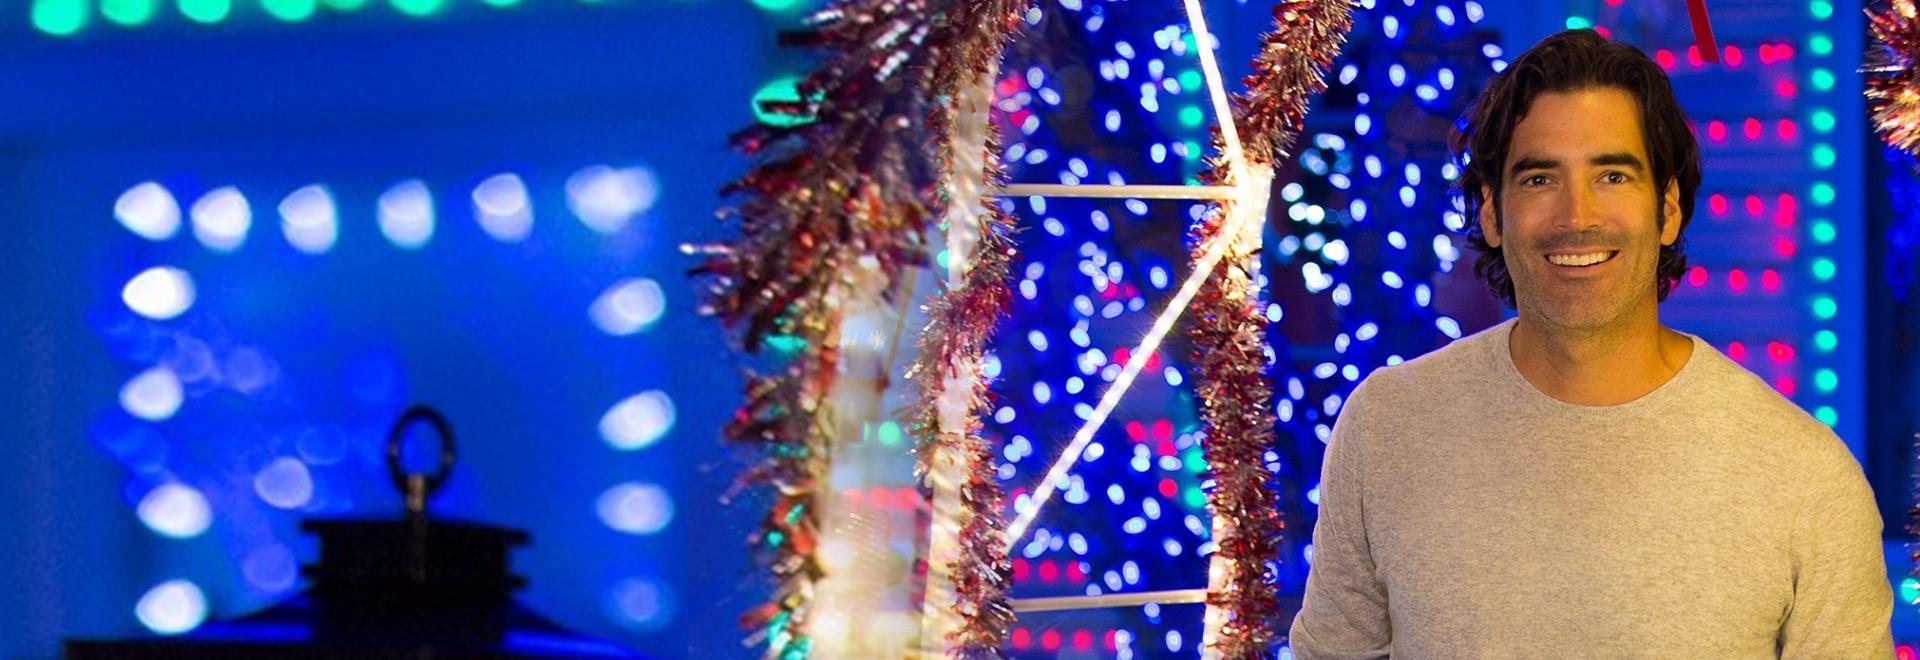 Natale a suon di luci